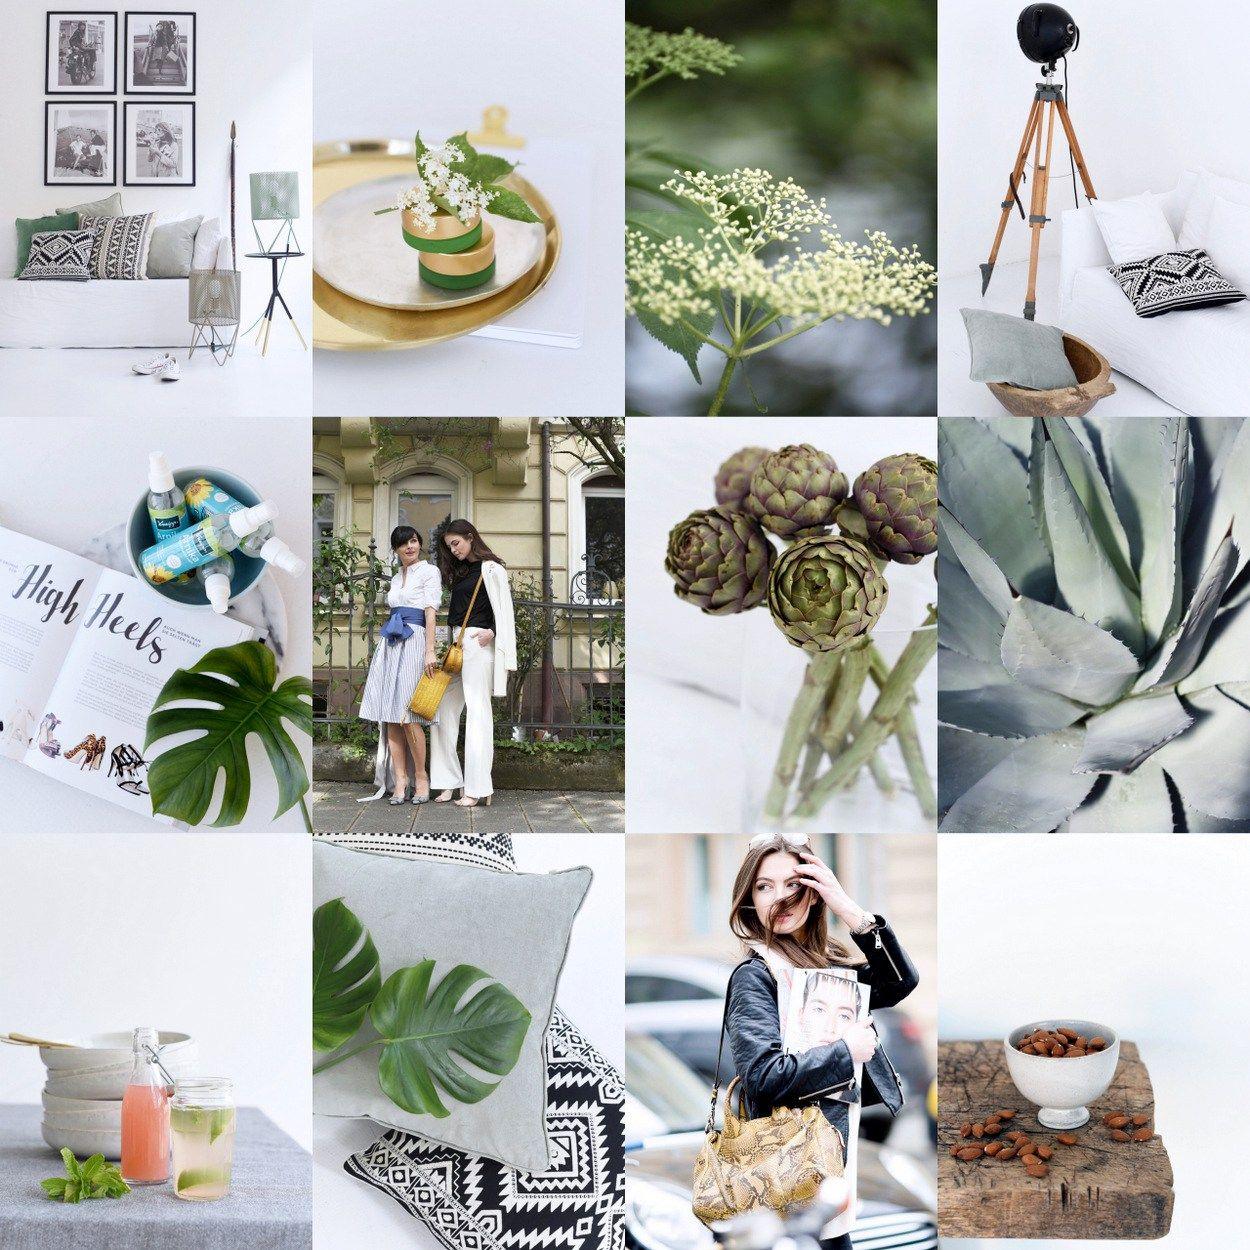 The answer is Love, no matter what the question is. Einer der erfolgreichsten Lifestyle Blogs im deutschsprachigen Raum seit 2008. Mehrmals wöchentliche Postings zu den Themen Inspiration, Food, Fa…